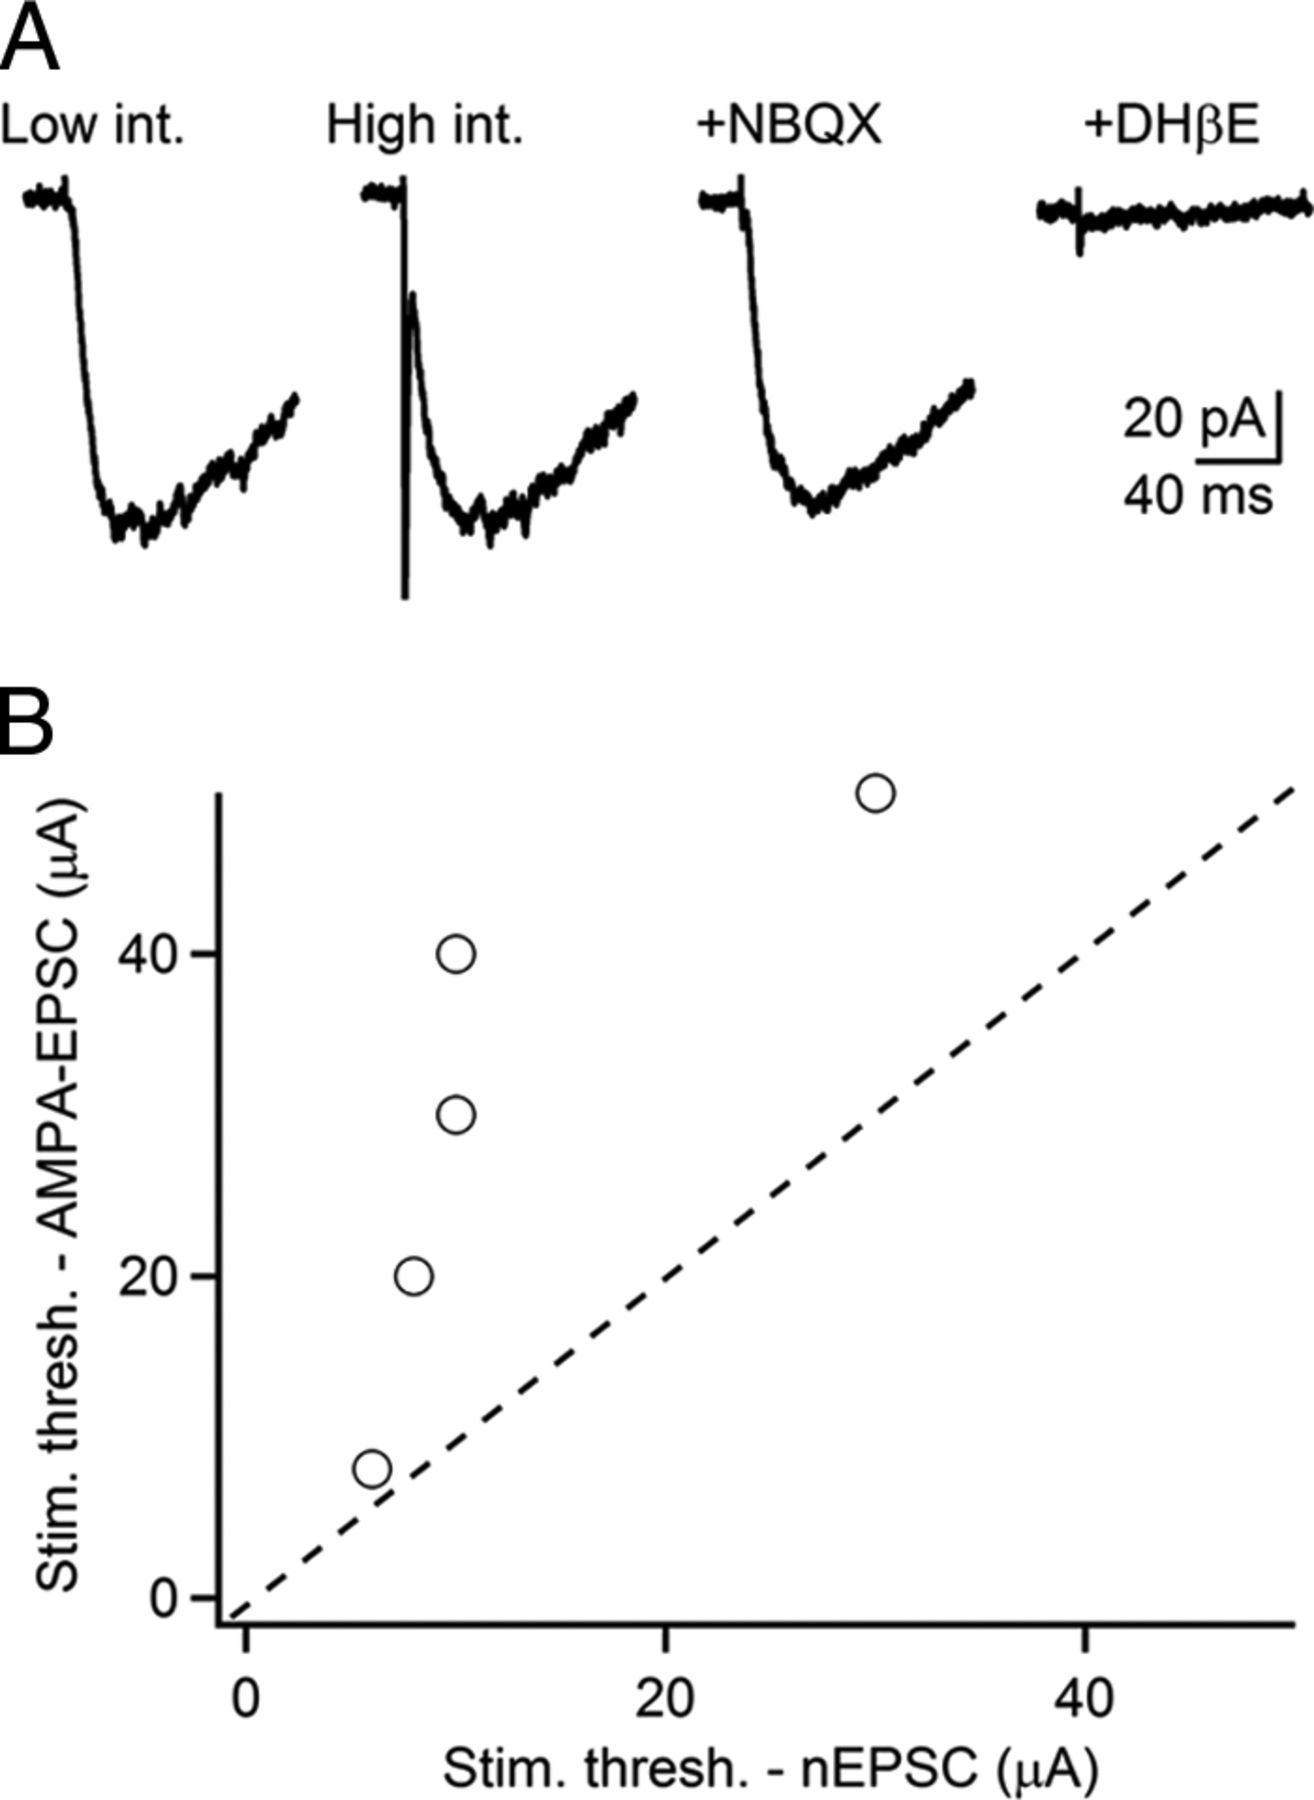 Biphasic Cholinergic Synaptic Transmission Controls Action